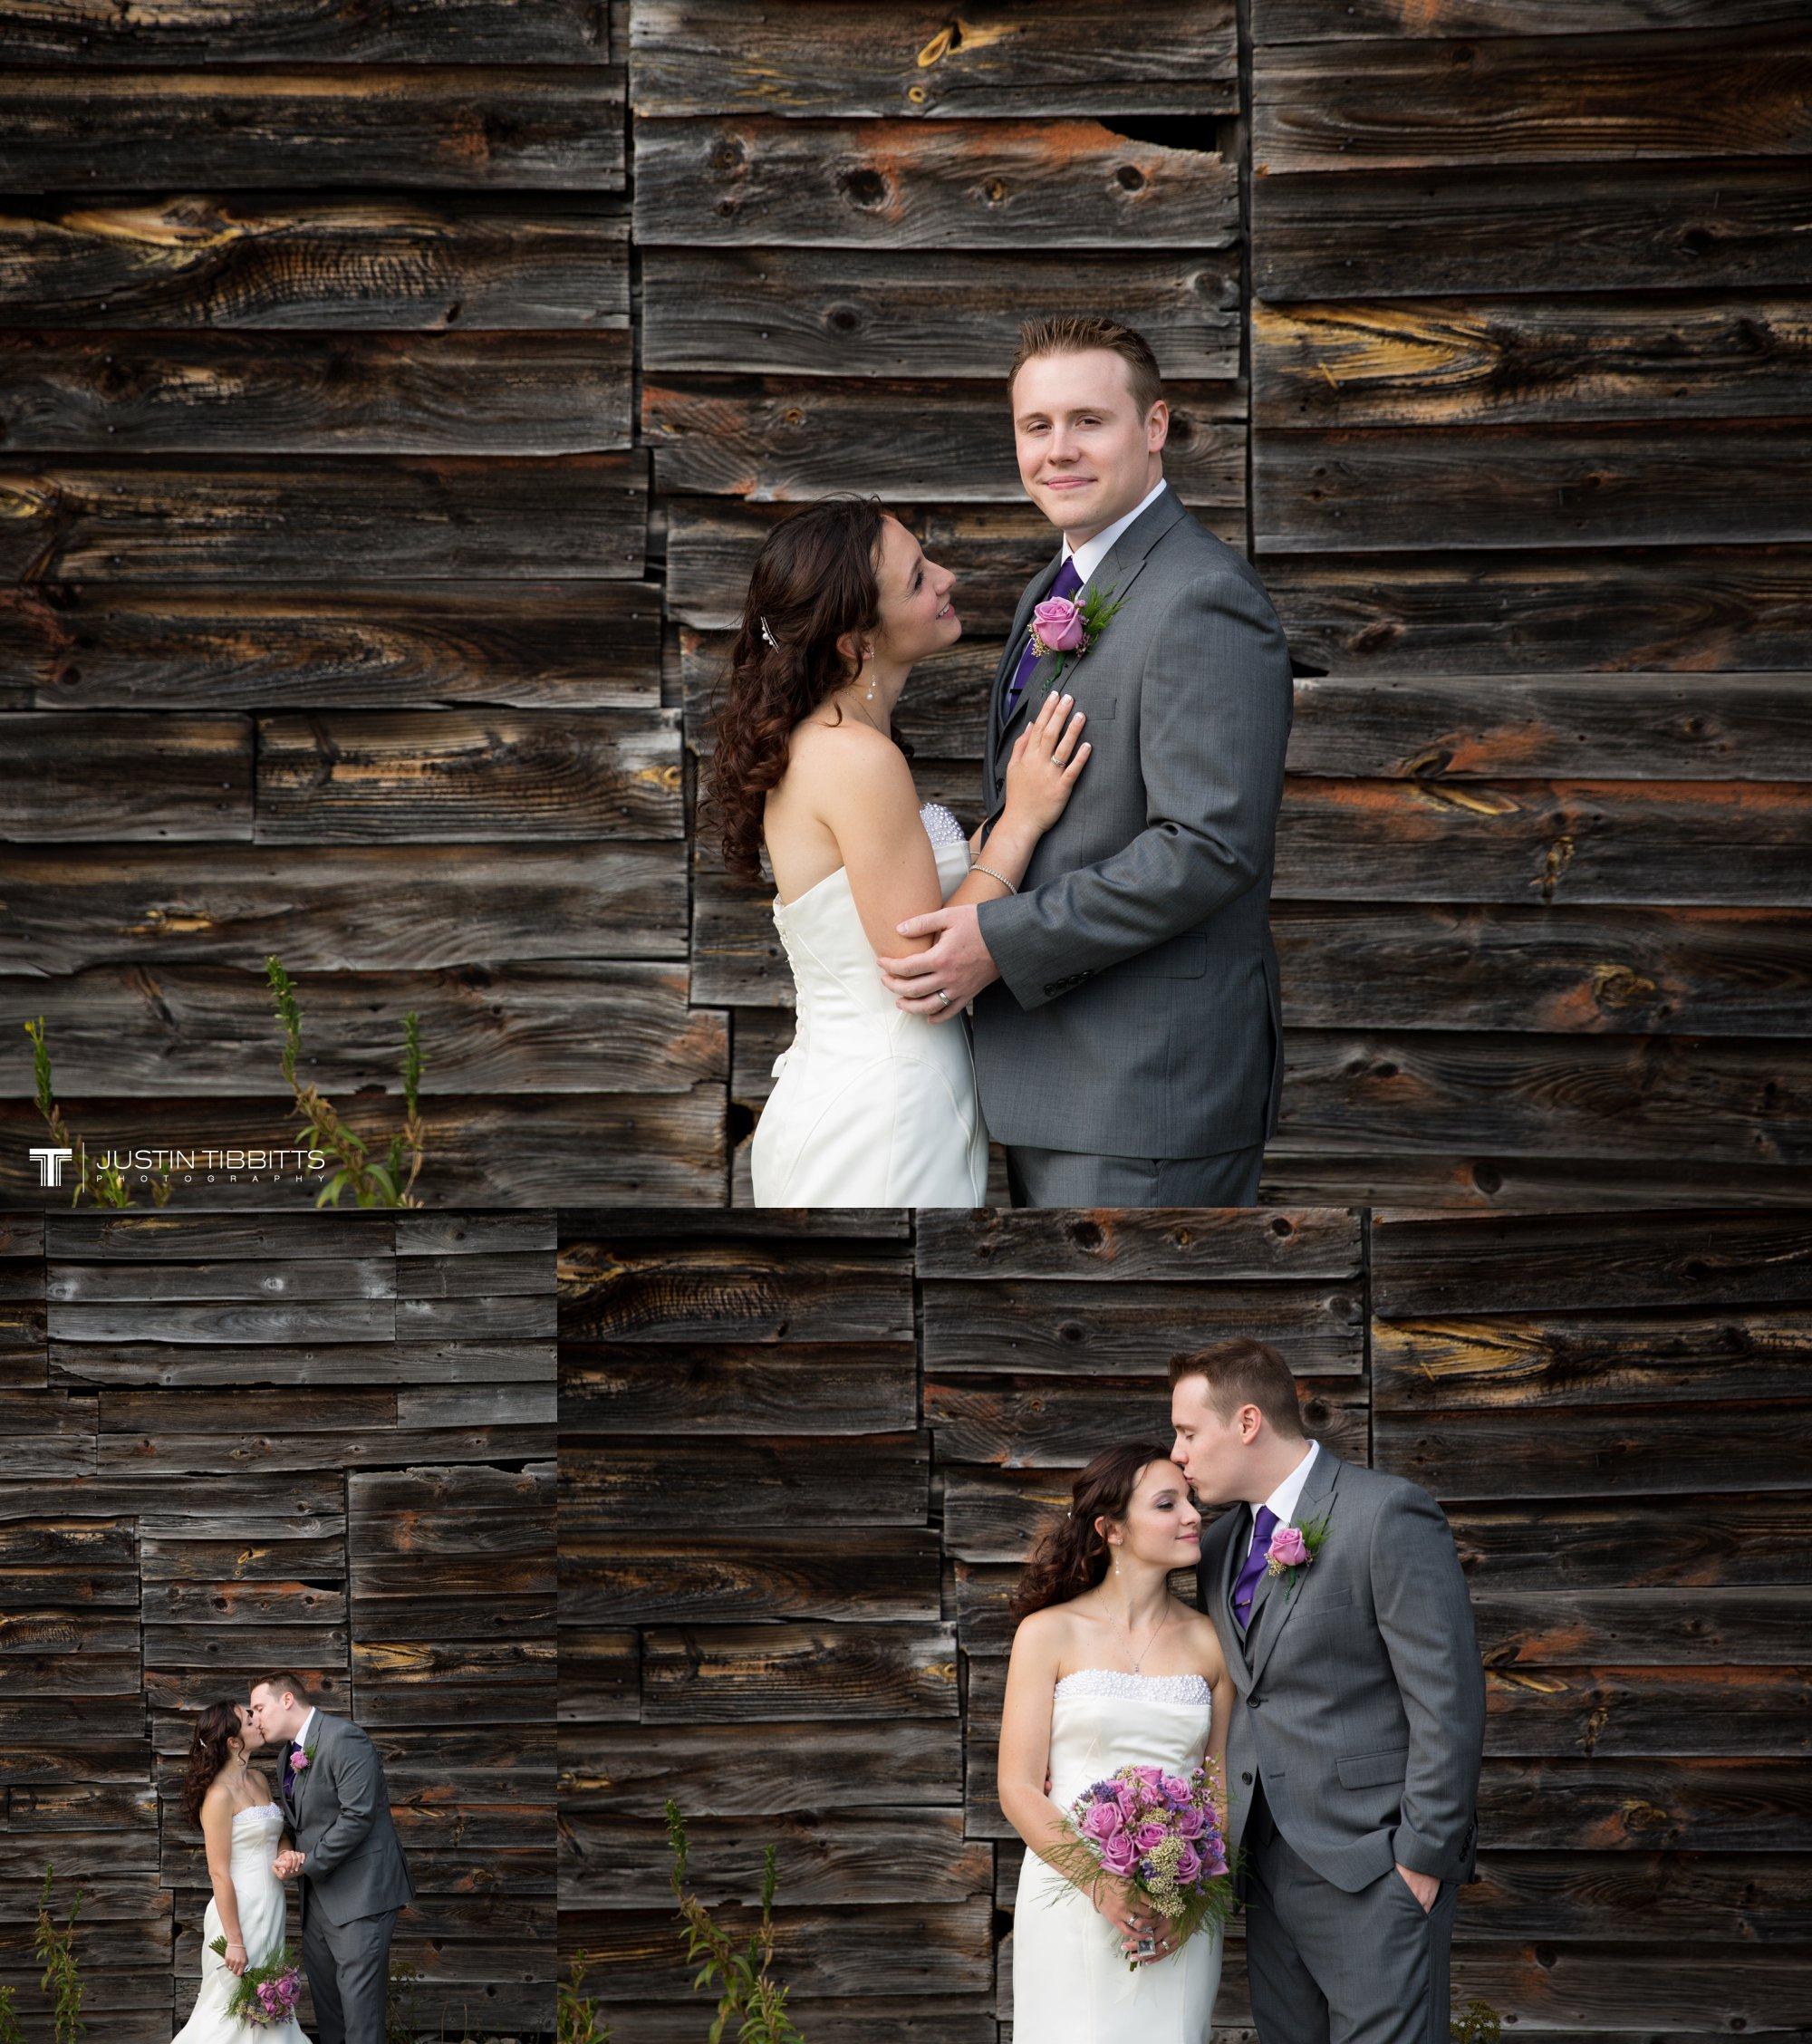 Albany NY Wedding Photographer Justin Tibbitts Photography 2014 Best of Albany NY Weddings-307774